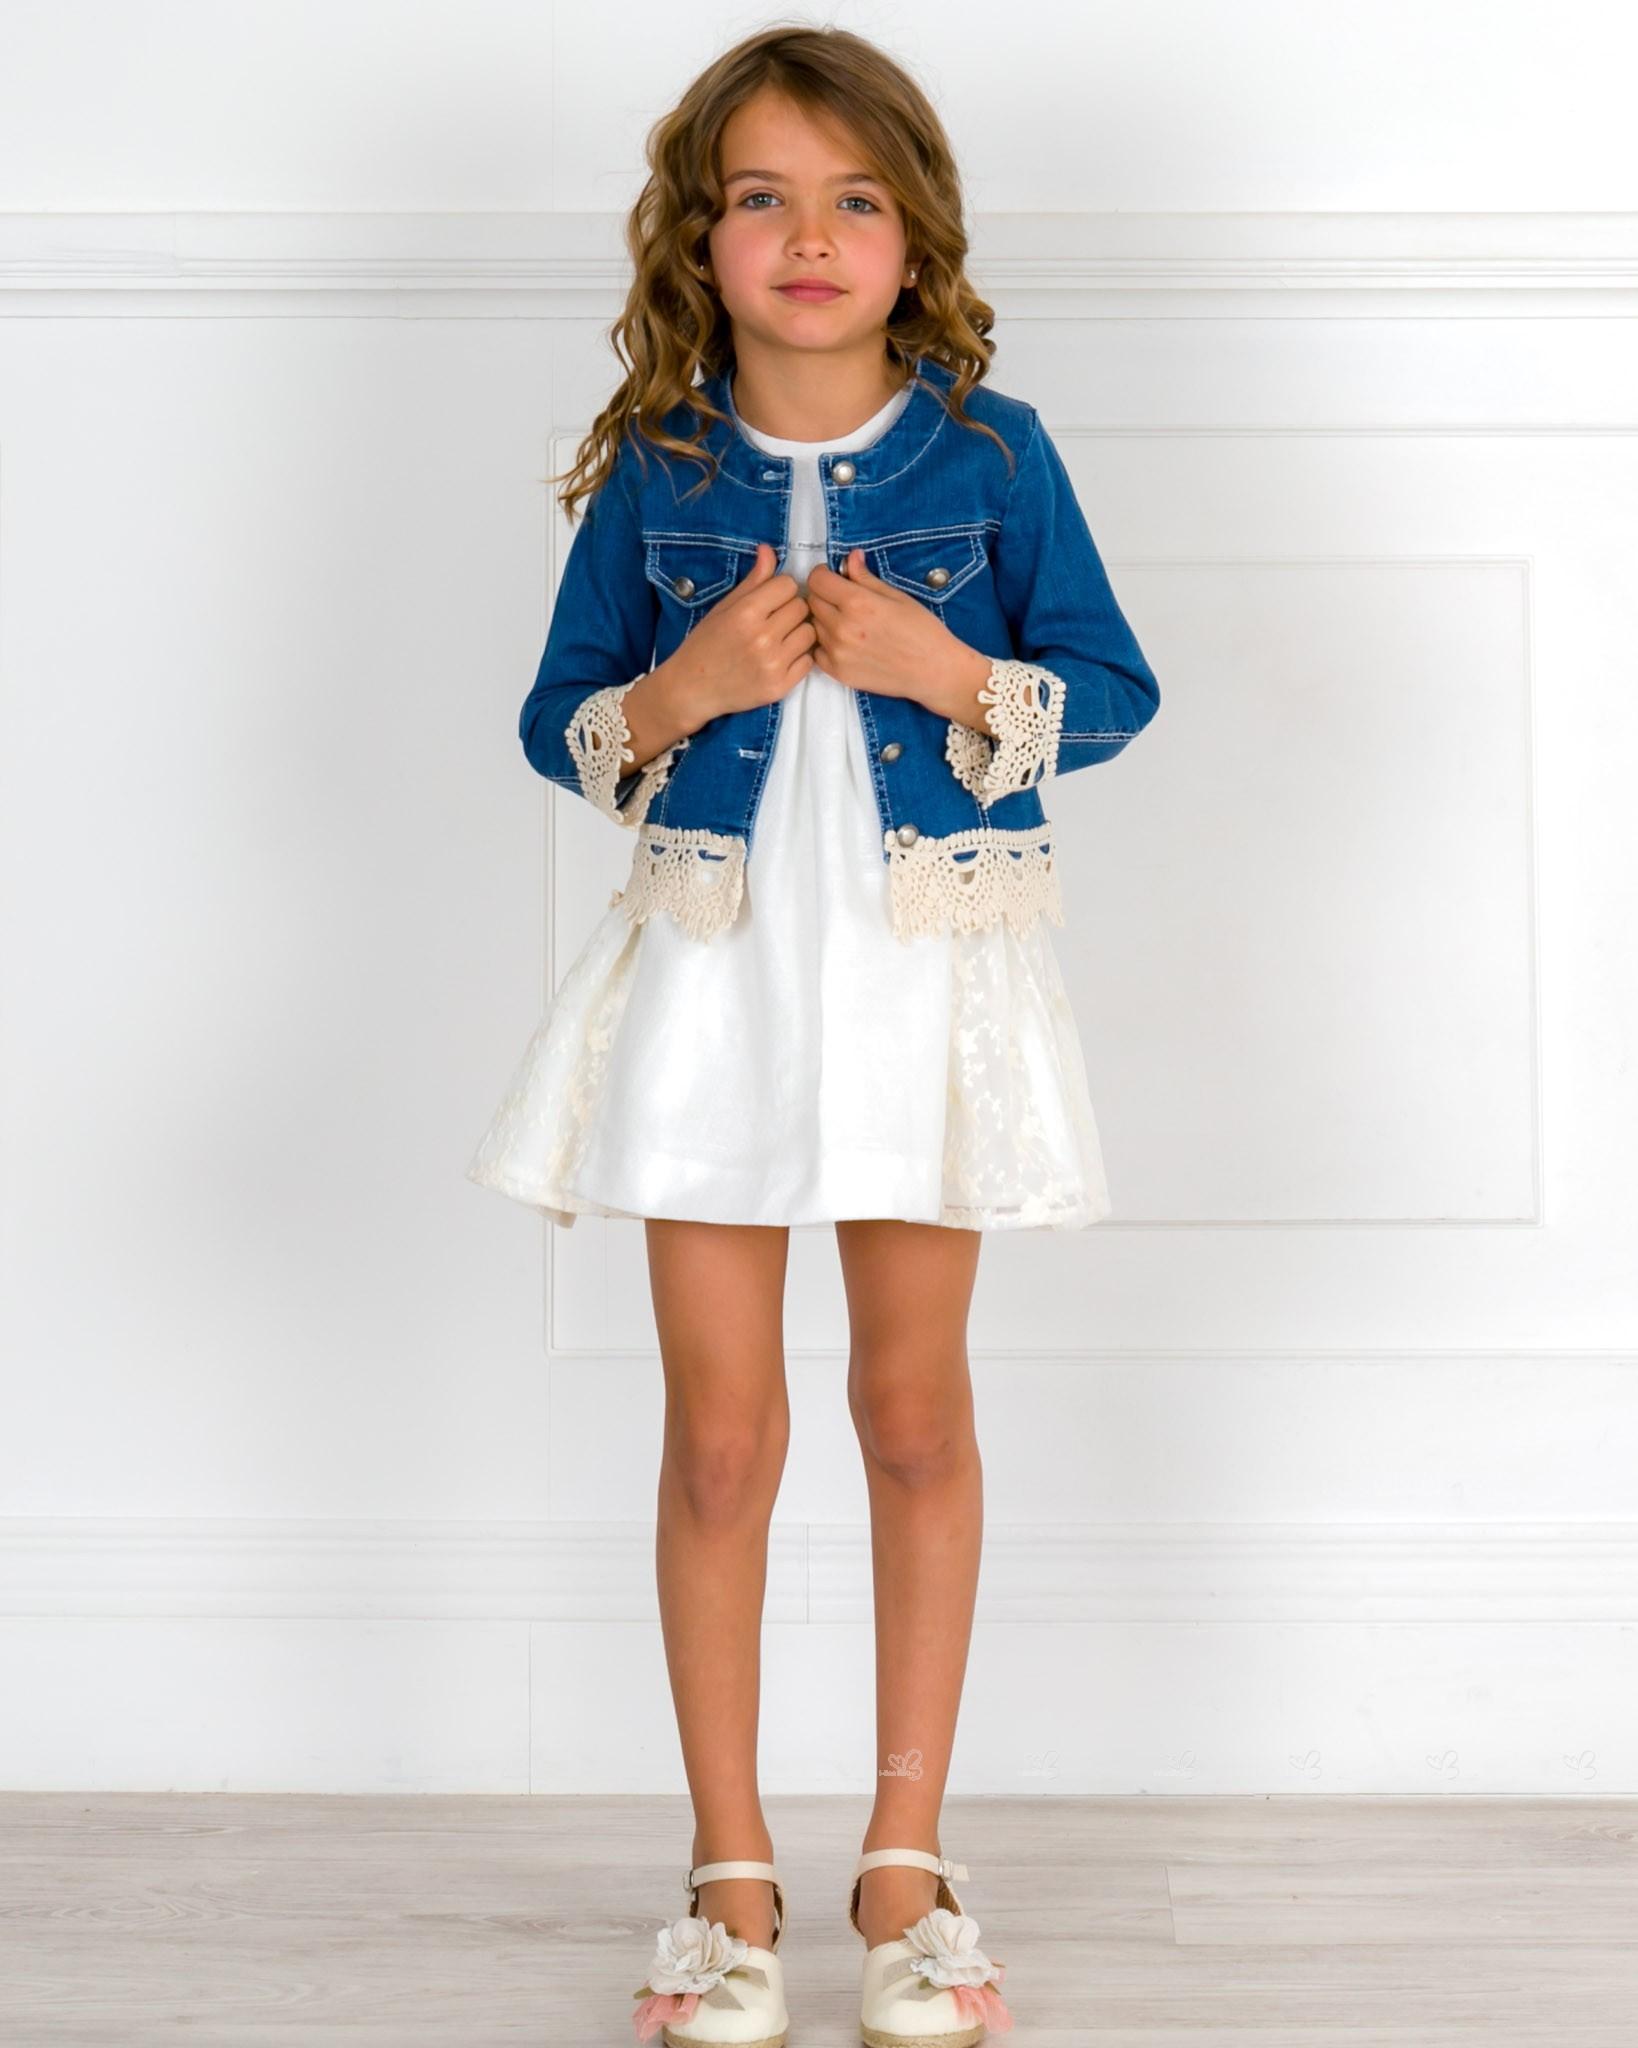 c78903aef Outfit Niña Vestido Piqué & Encaje & Cazadora Azul Denim & Alpargatas  Adorno Floral ...